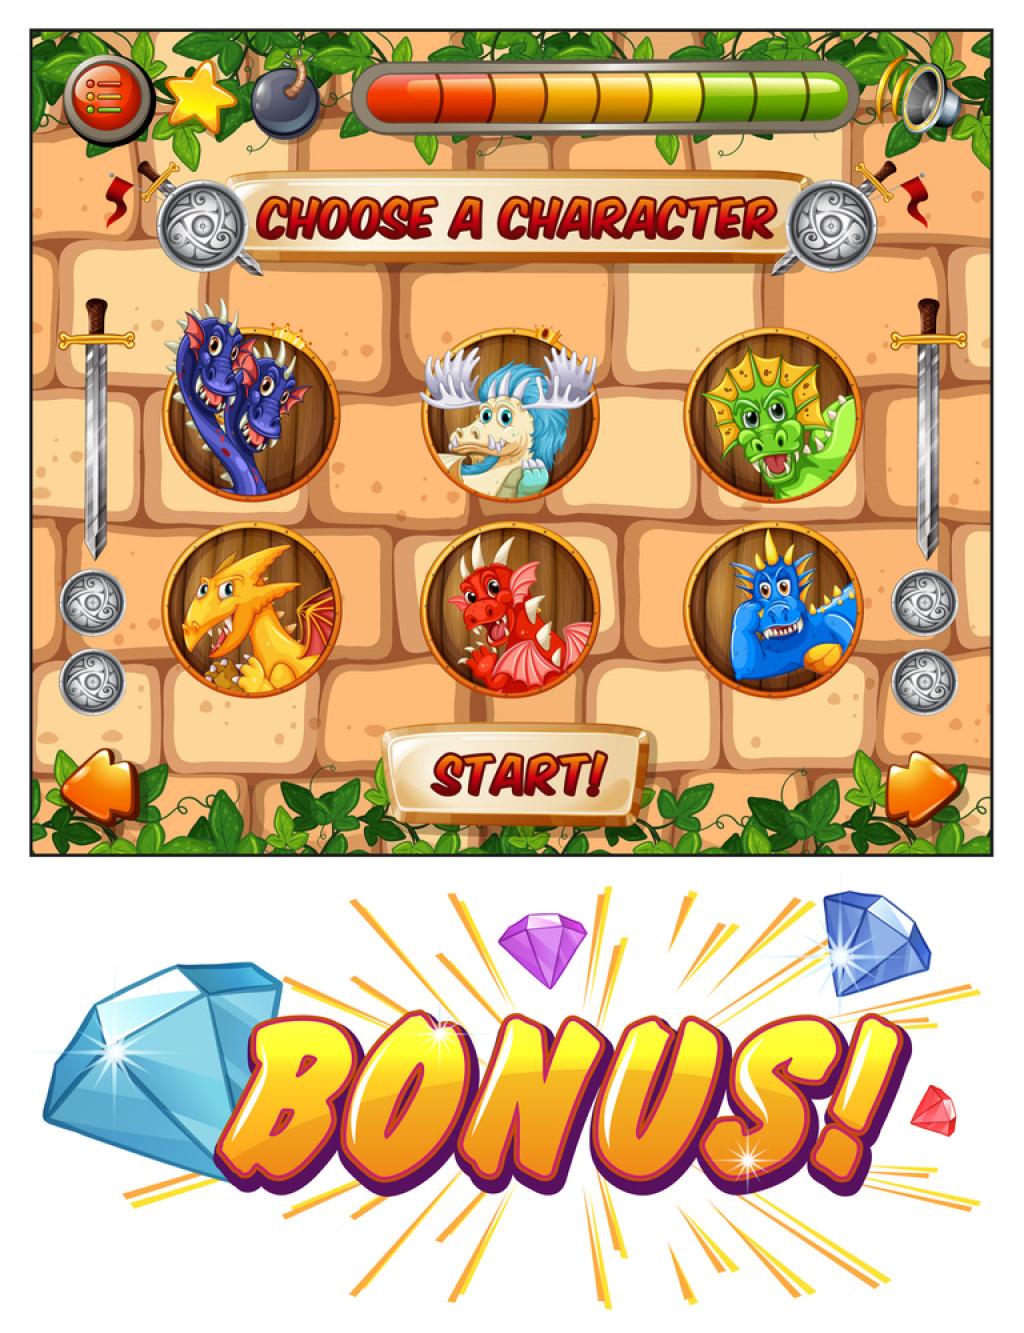 Derfor er det en fordel at oprette sig med en bonuskode hos dit kasino